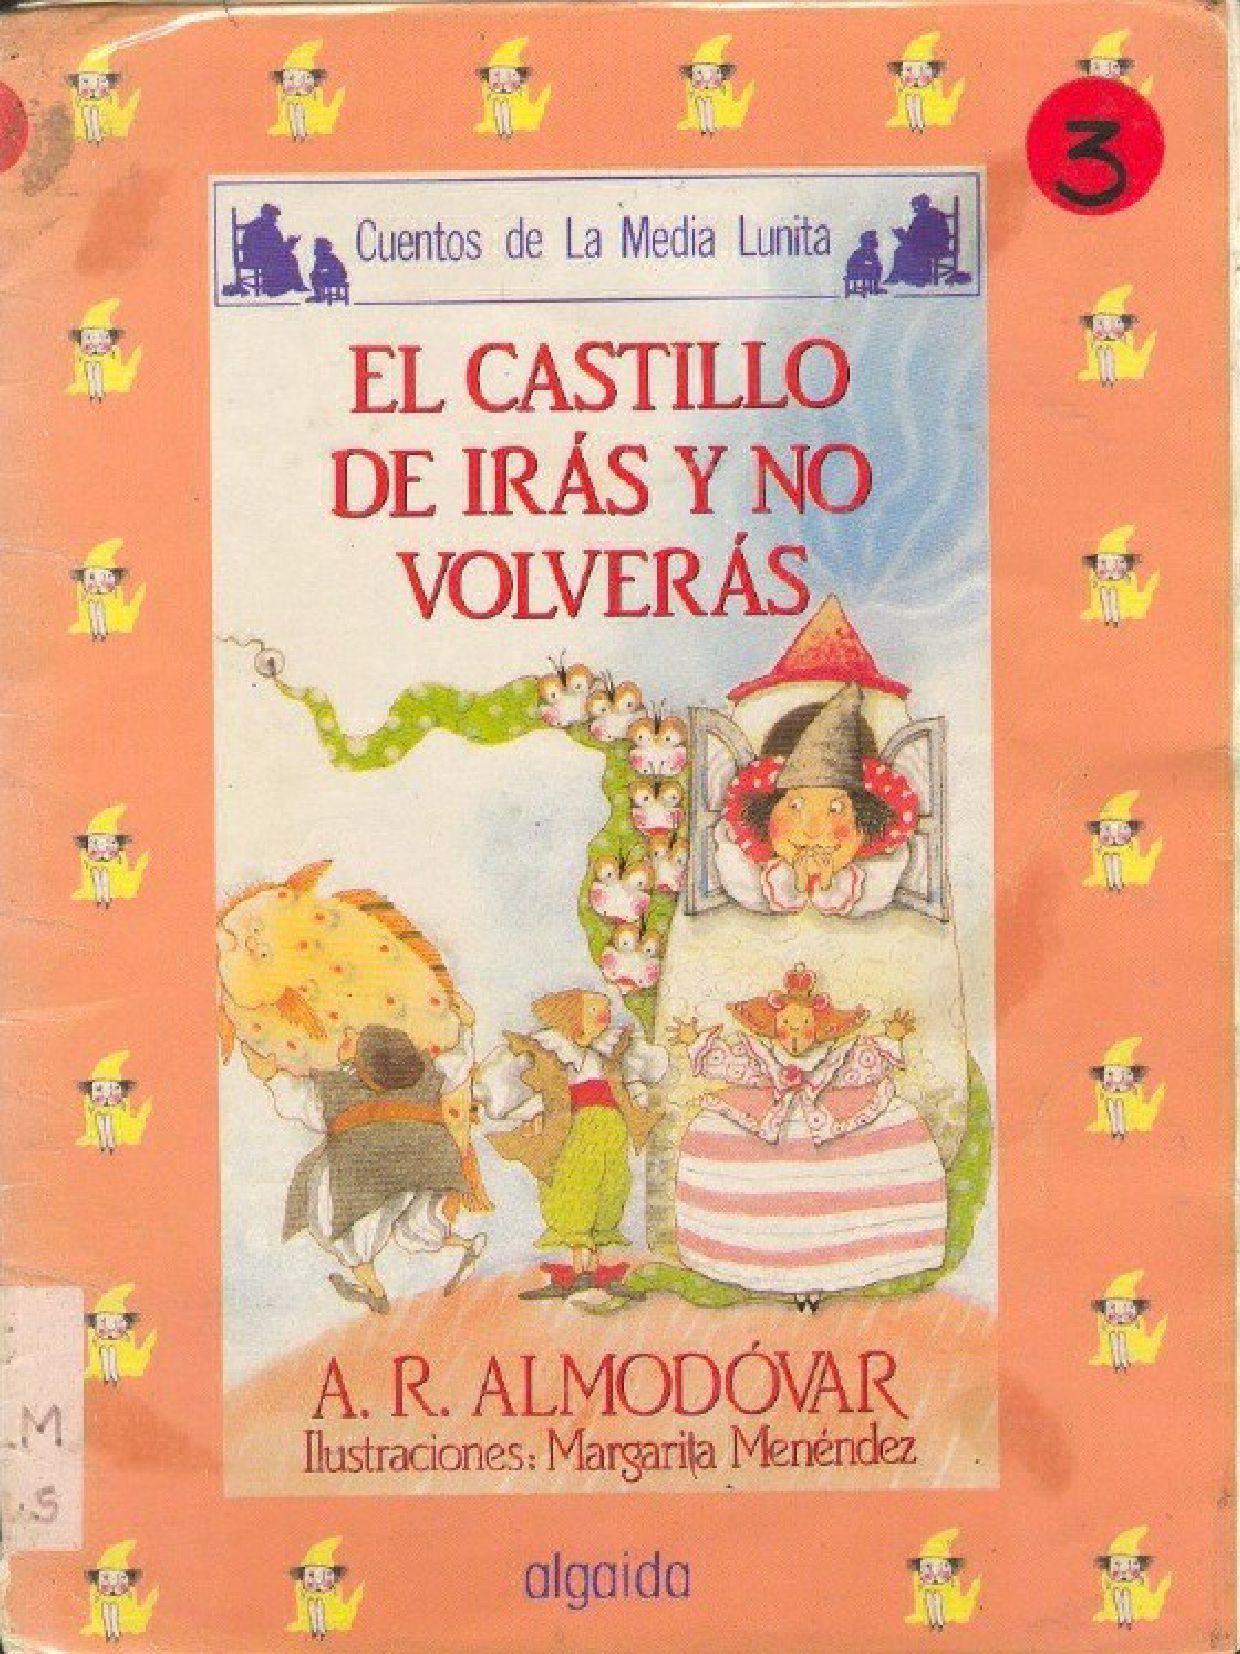 CUENTOS INFANTILES PARA DESCARGAR EN PDF GRATIS: COLECCION EL ZOO DE LAS  LETRAS. BRUÑO | libros | Libros infantiles pdf, Cuentos infantiles pdf,  Libros ...